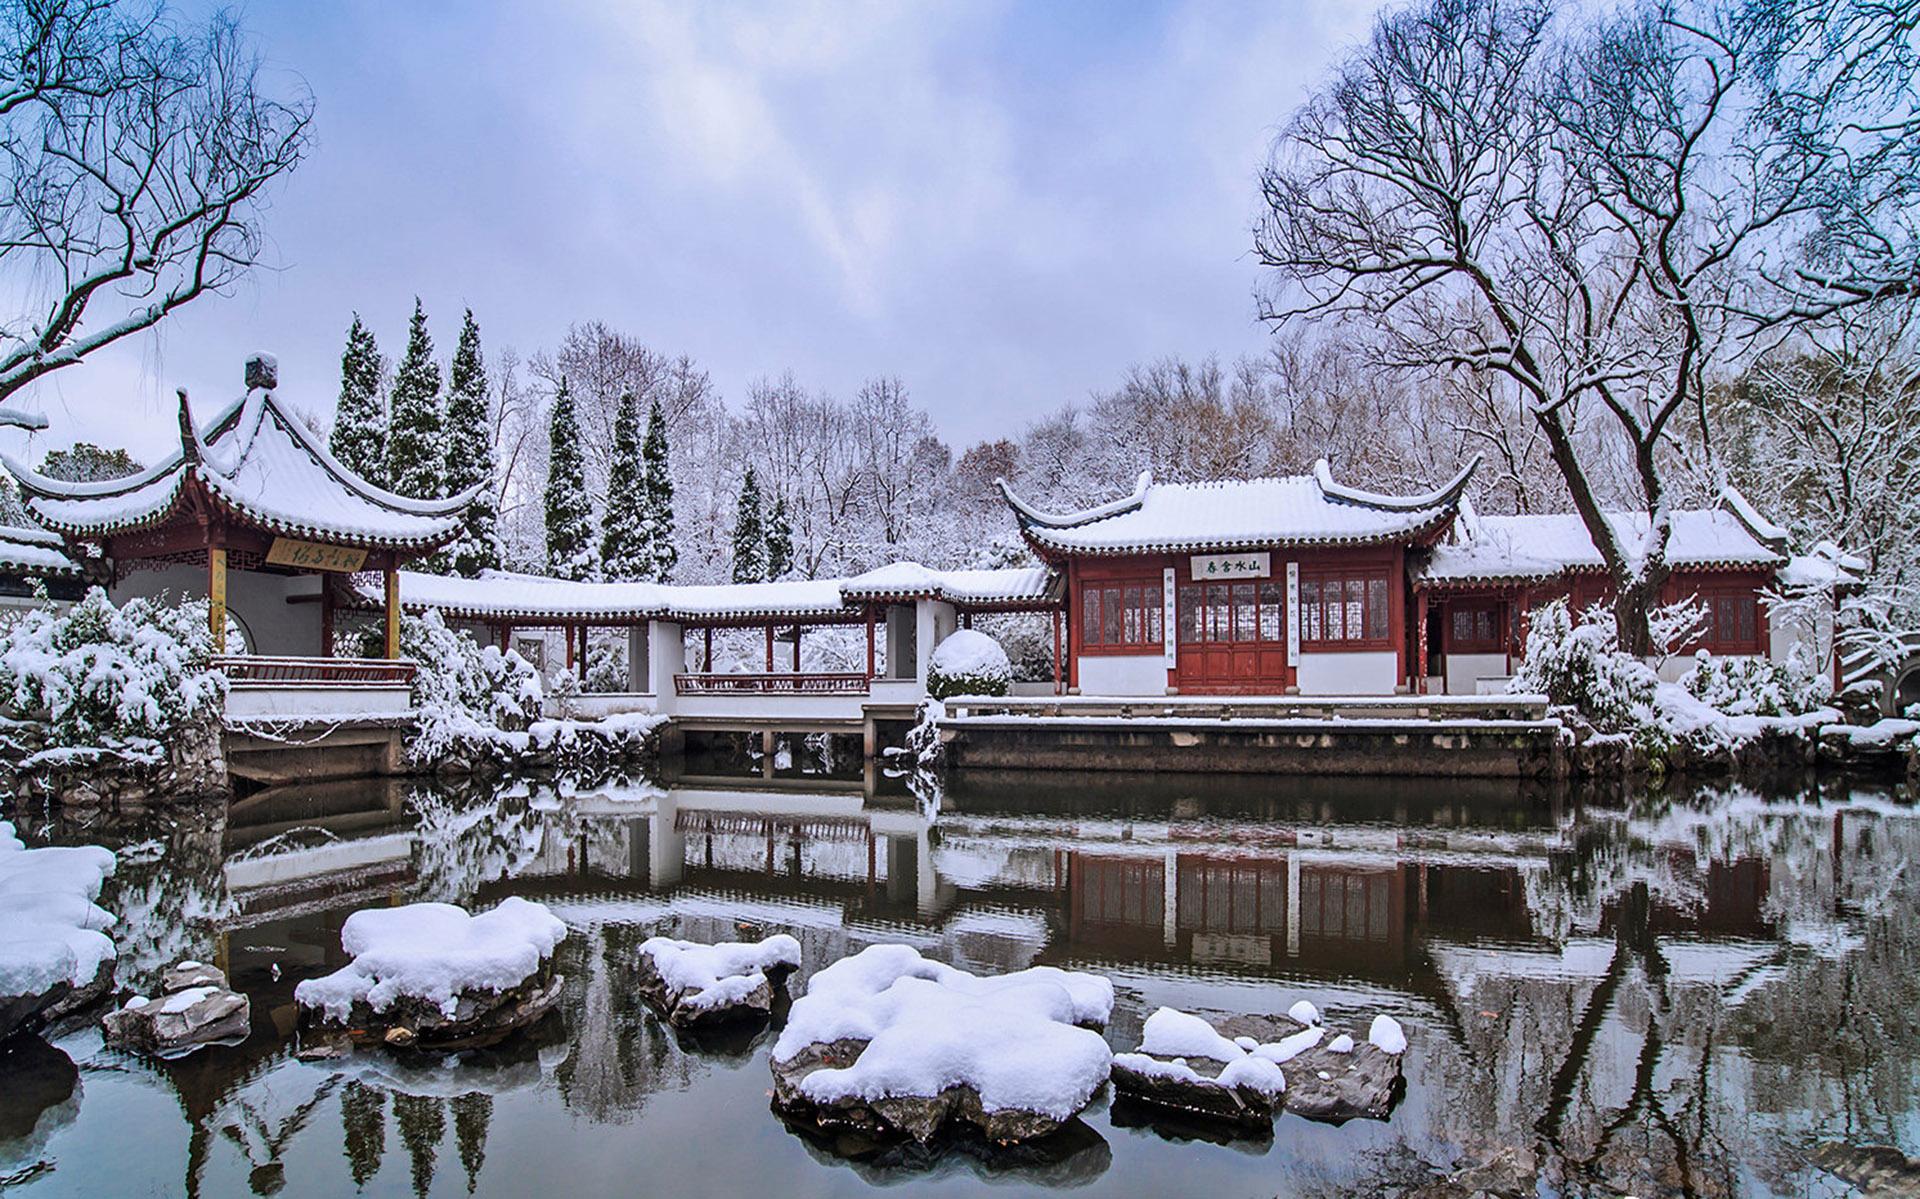 南京园林冬日雪景电脑桌面壁纸全屏